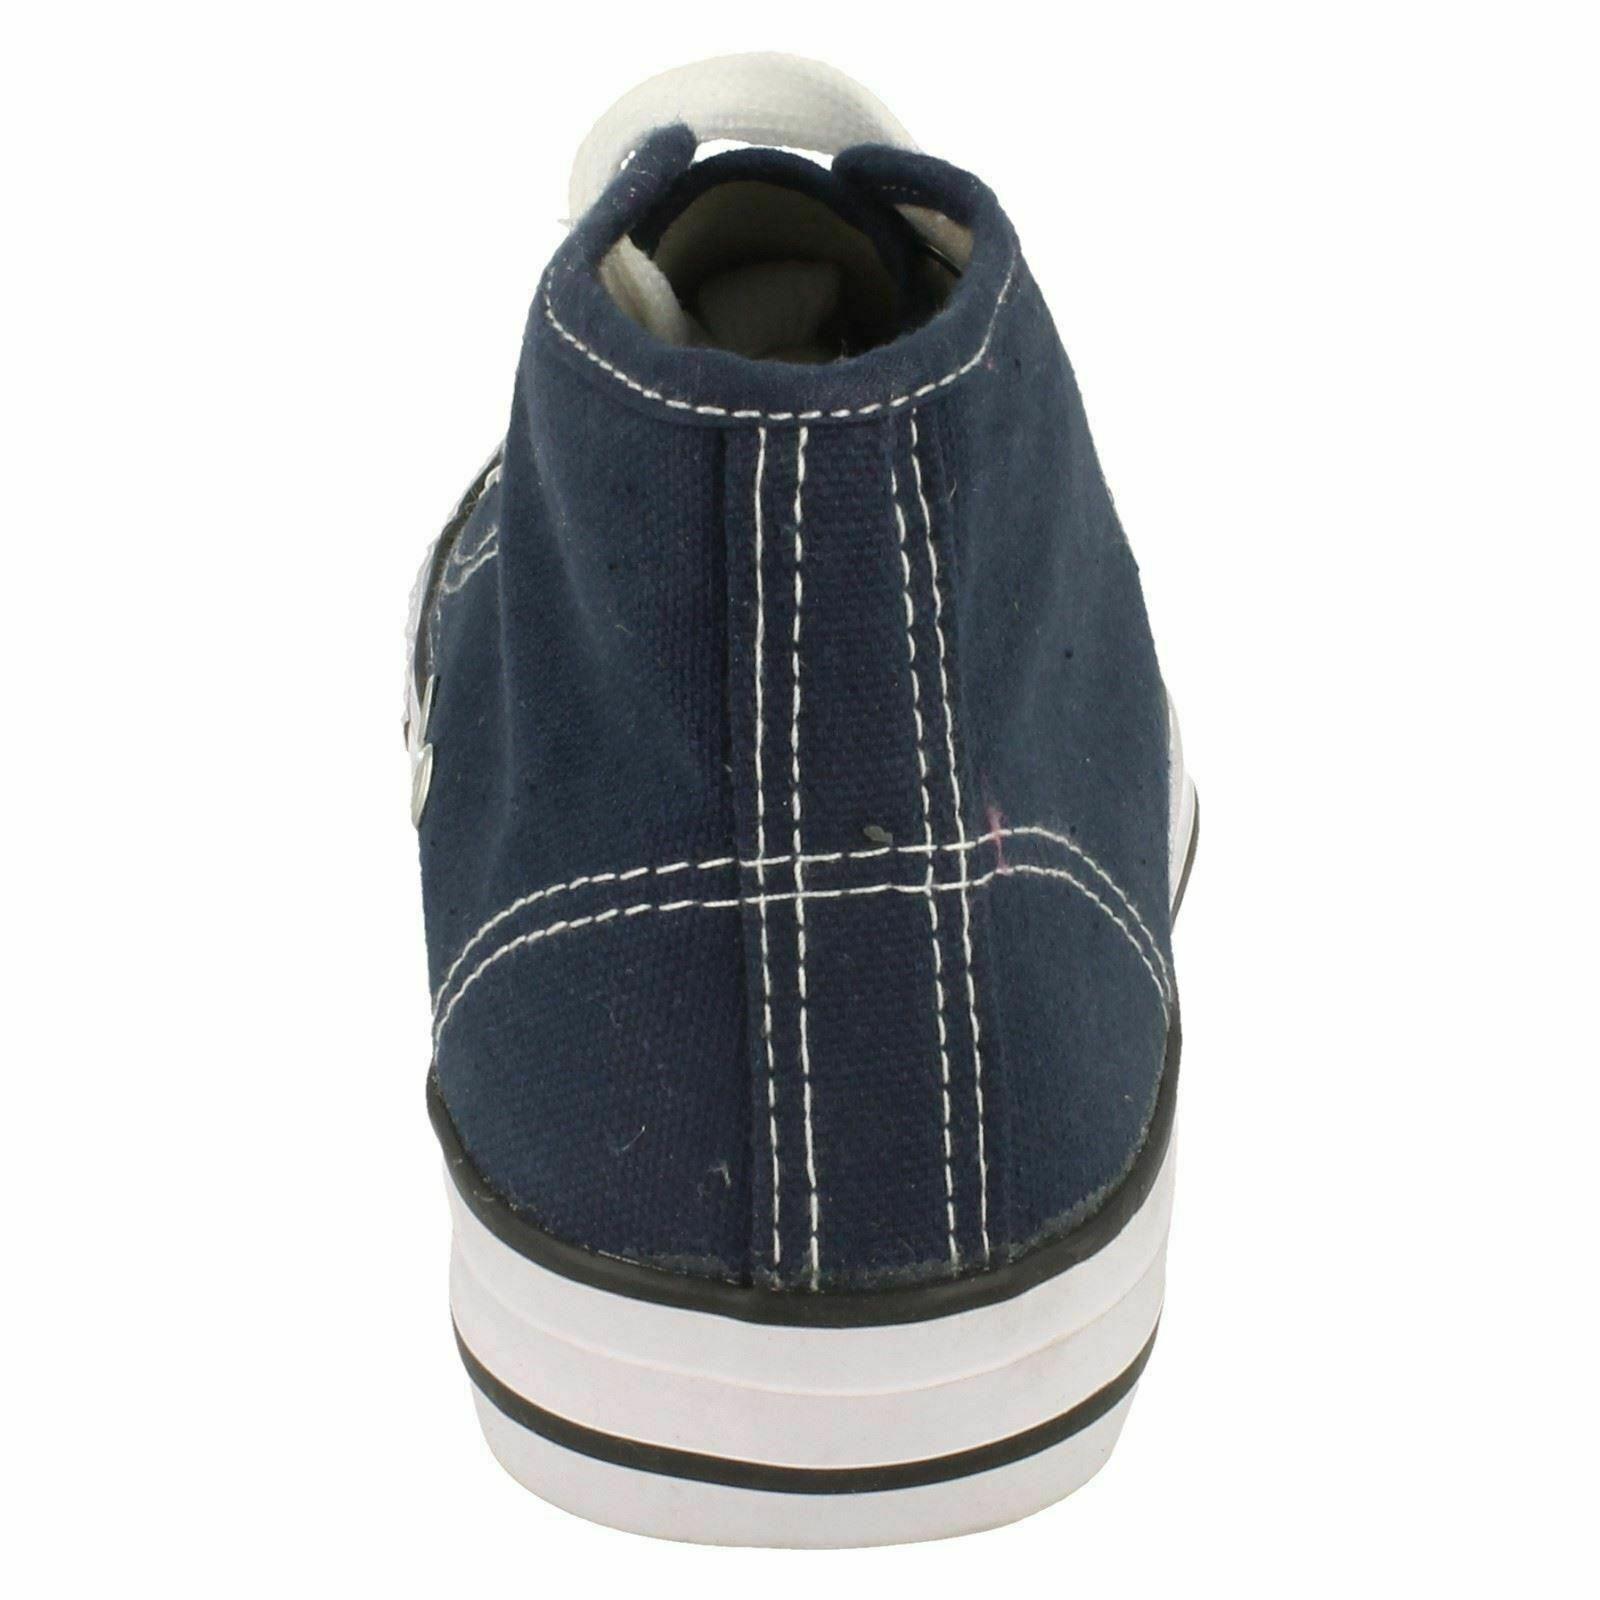 Spot-On-Chaussures-hautes-en-toile-Homme-KM565 miniature 7